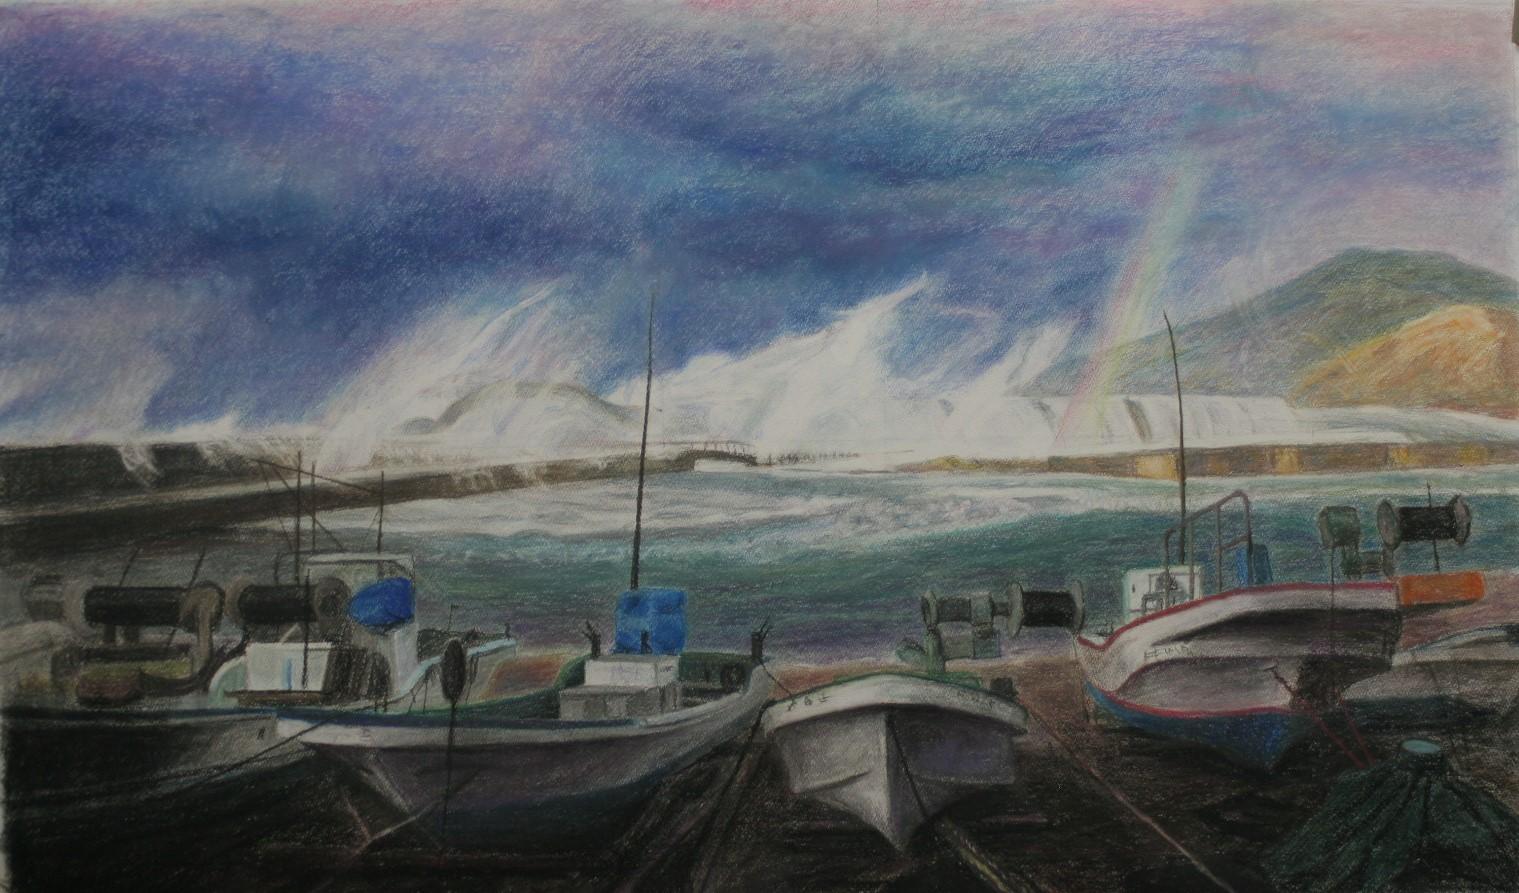 粟島釜屋漁港に虹が立つ